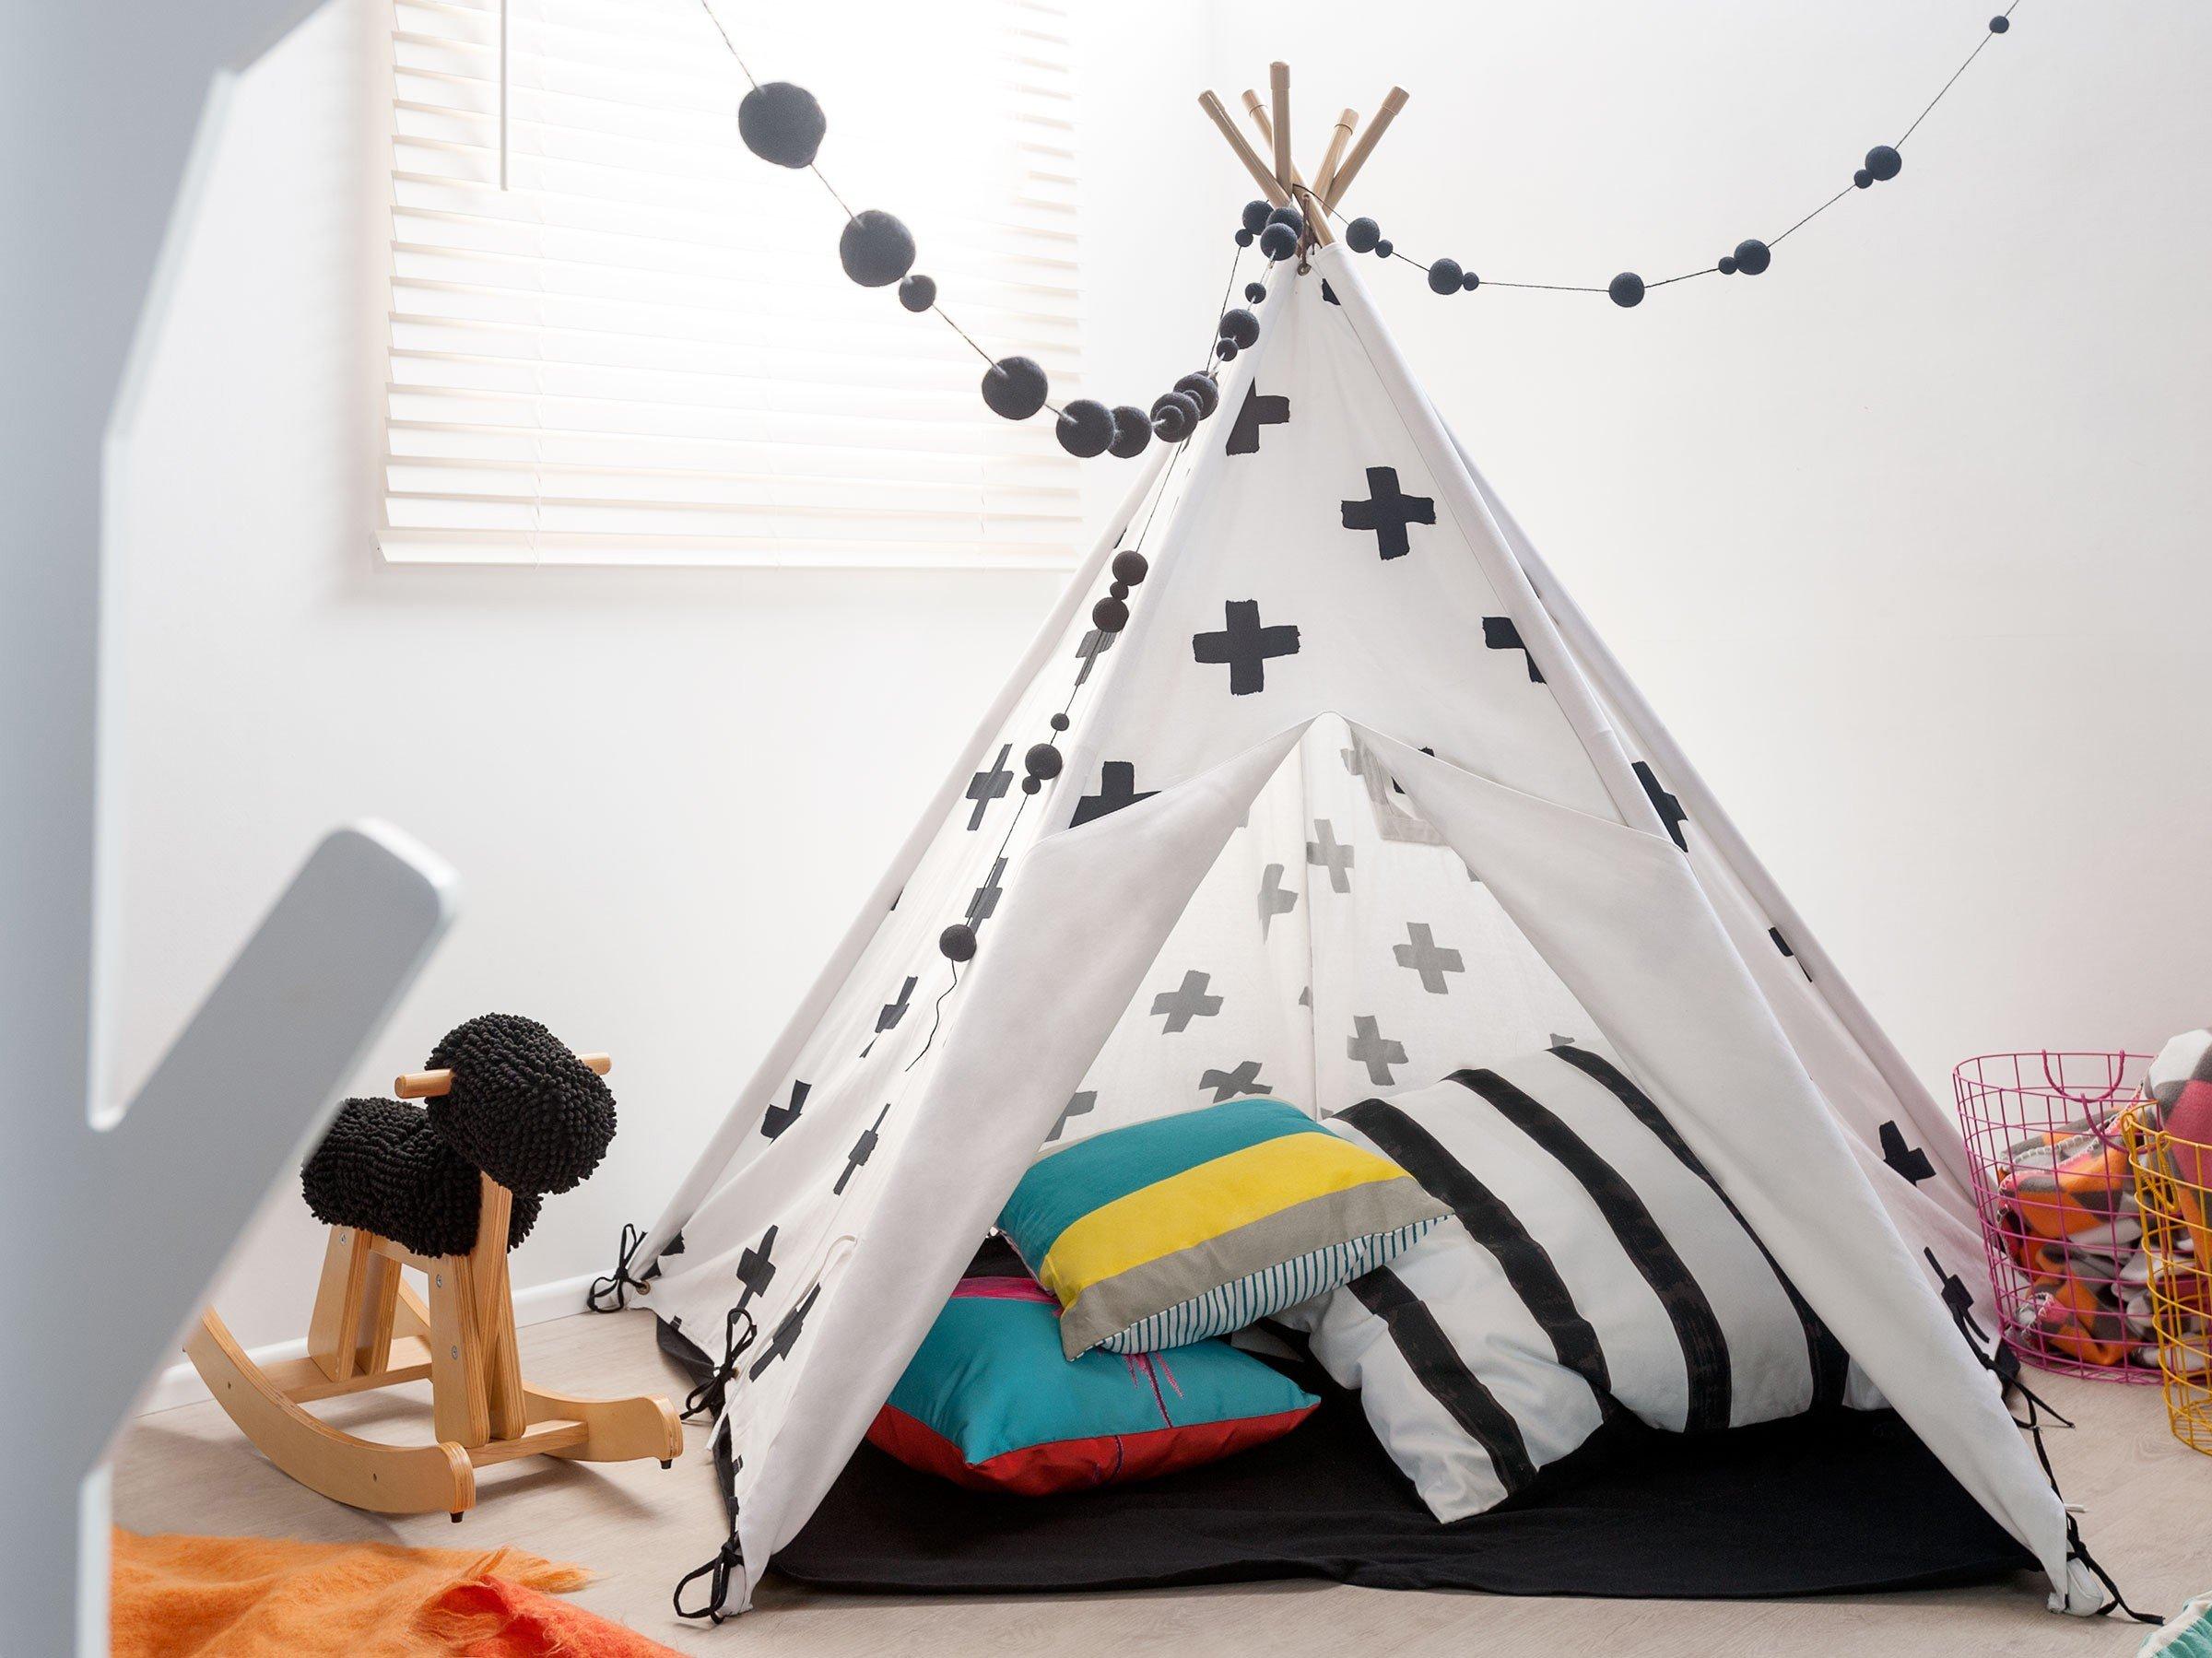 Der beste Spielplatz ist ein Tipi Zelt - Nähen Sie ein selber mit unseren Nähideen für Anfänger